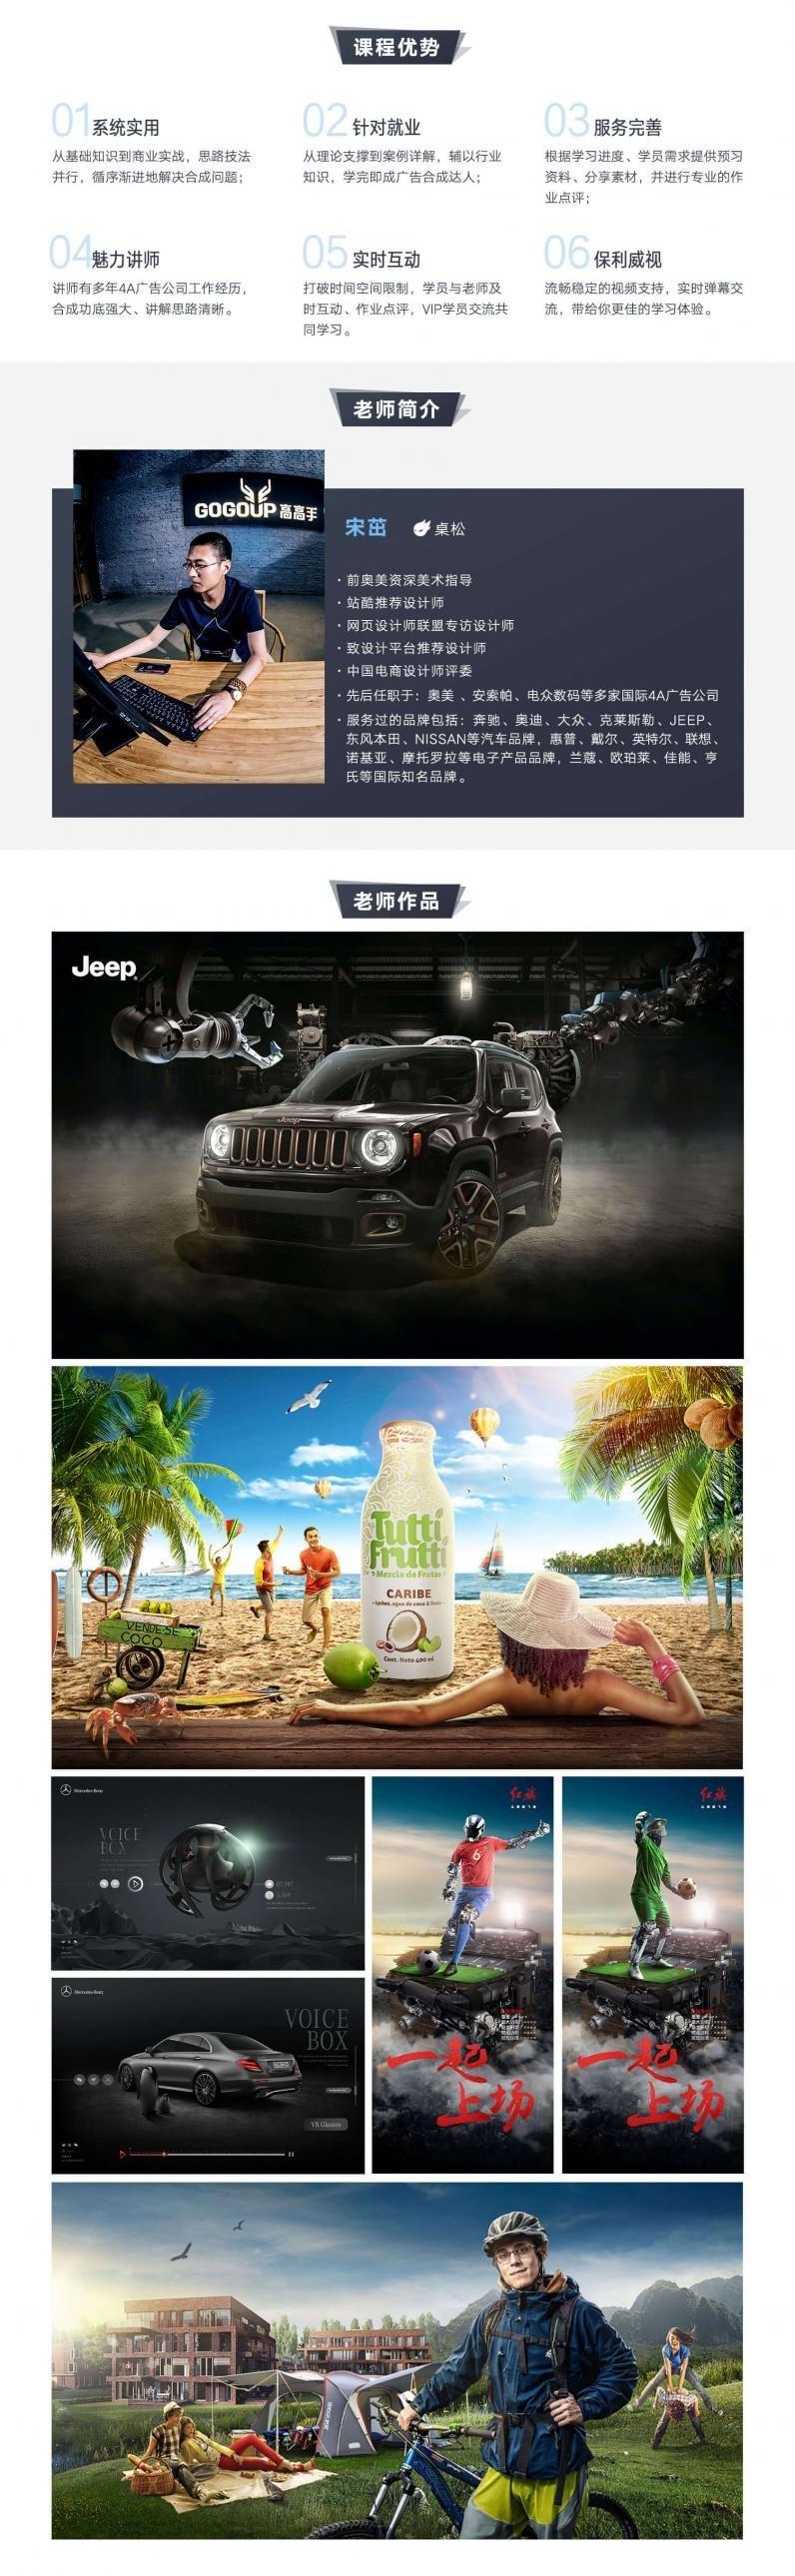 桌松-商业广告合成实战班